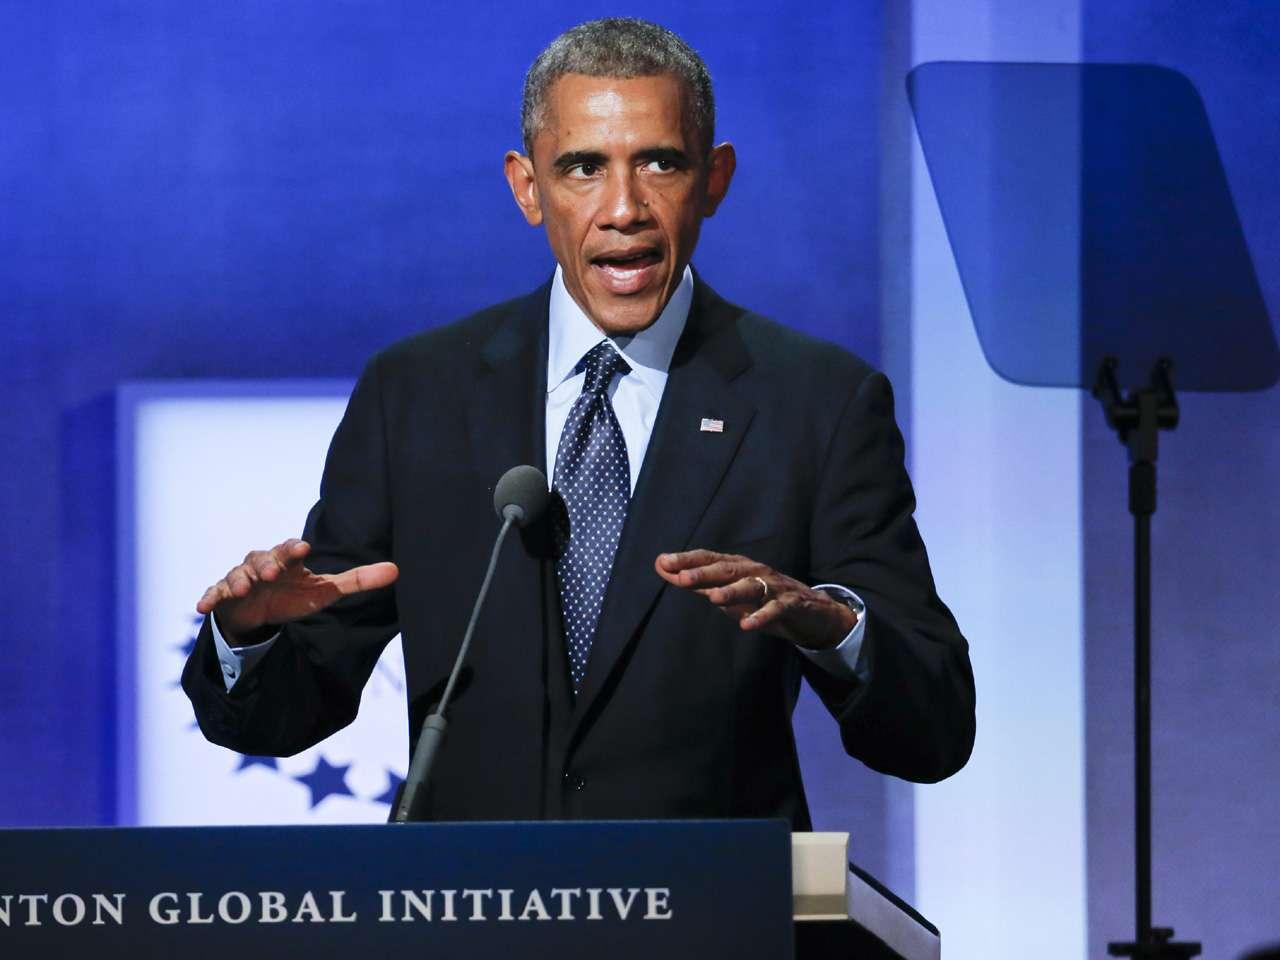 El presidente estadounidense, Barack Obama, habla durante un evento de la Iniciativa Global Clinton, en Nueva York Foto: EFE en español